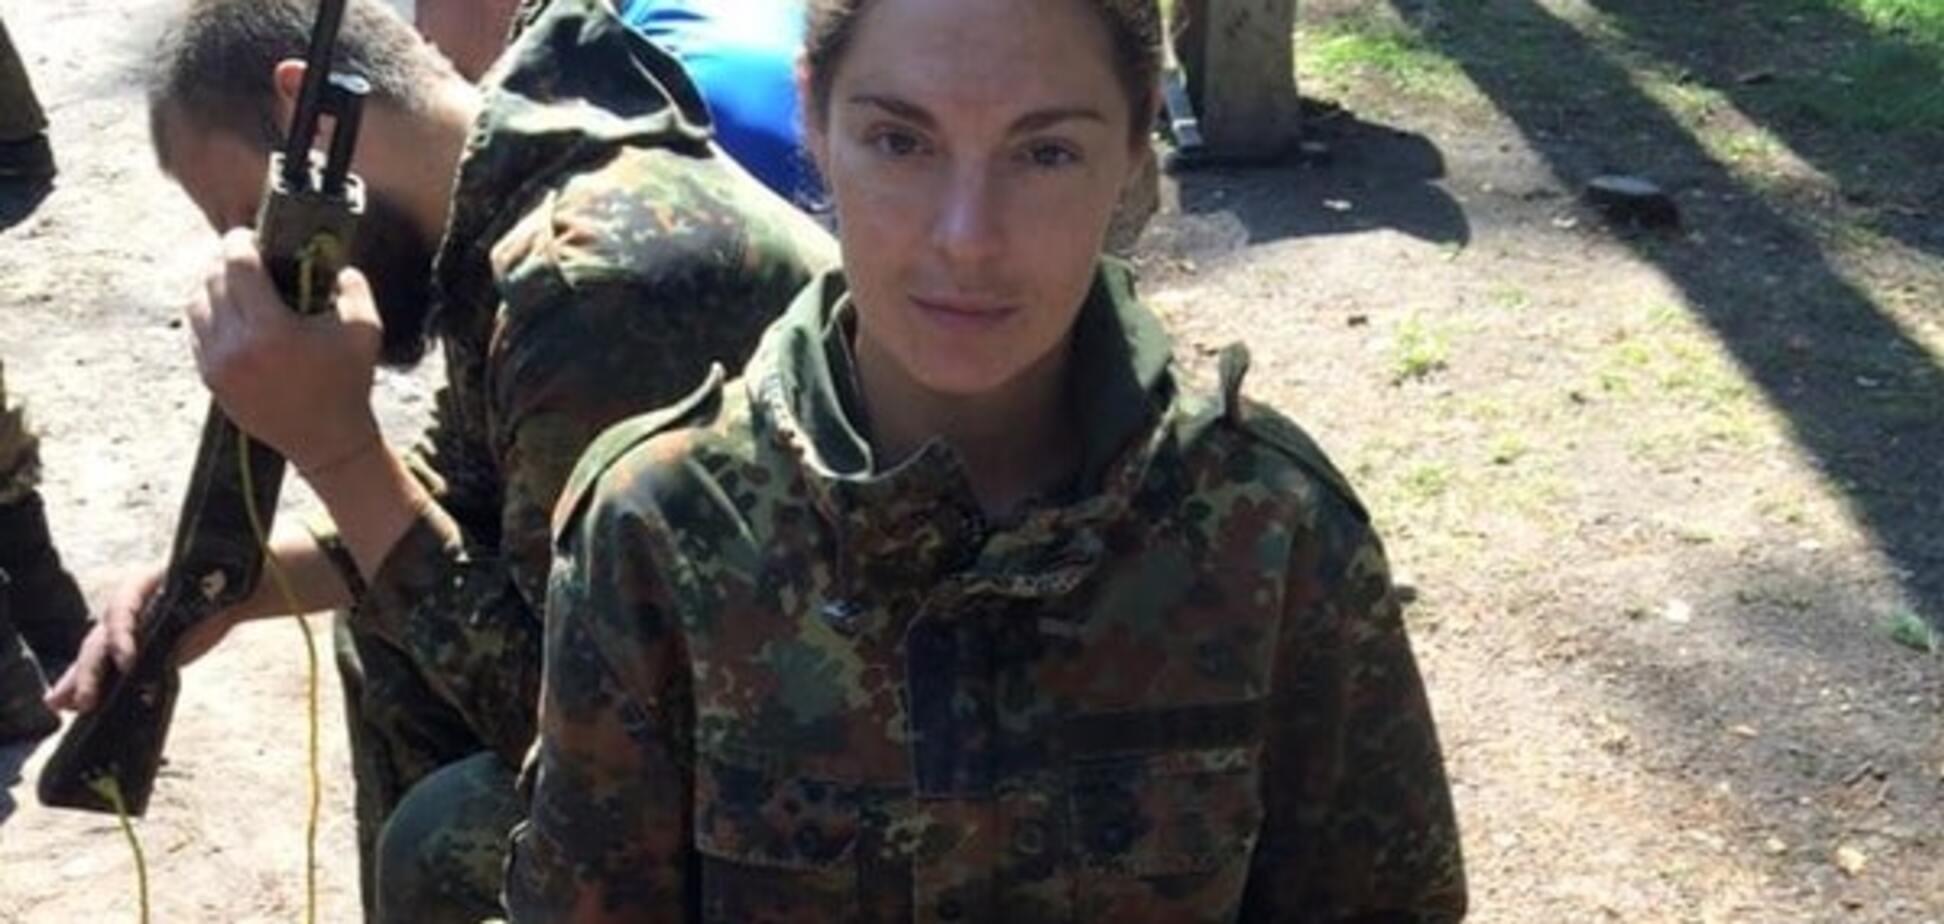 СБУ заарештувала проукраїнську активістку з Росії за підозрою в тероризмі - журналіст